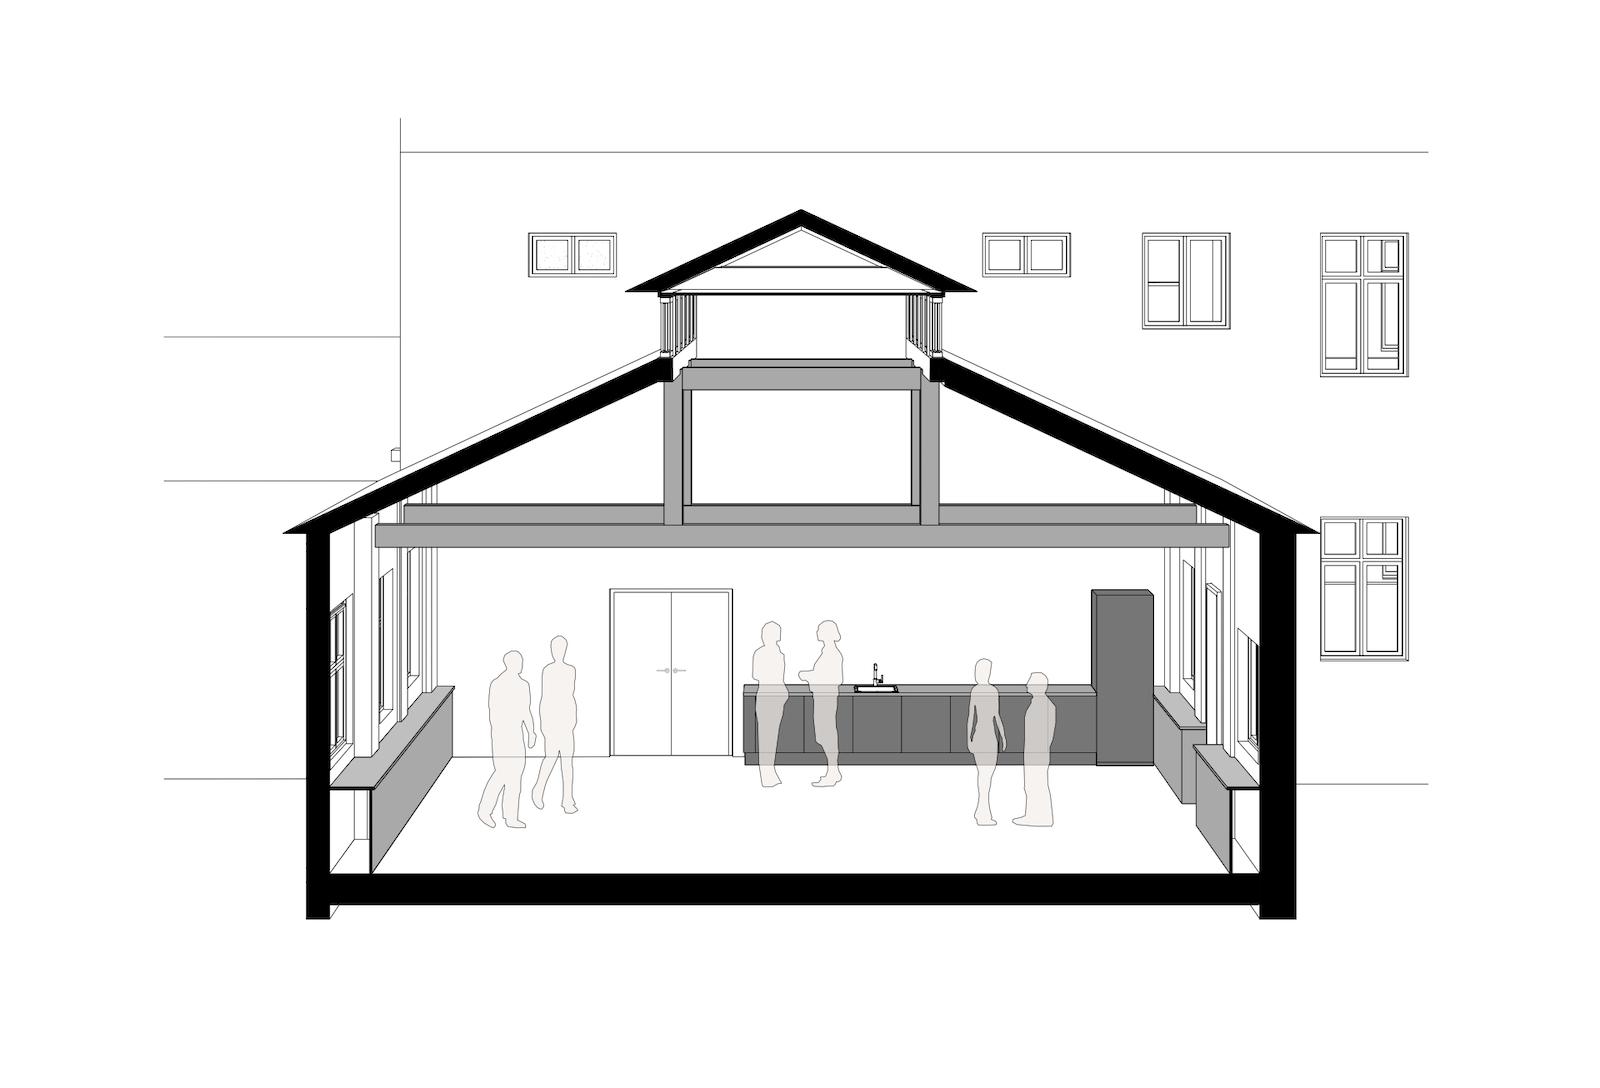 Ombygning af industribygninger til kontorer: Dortheavej 10 og 12 (tegning: Snit kantine F)